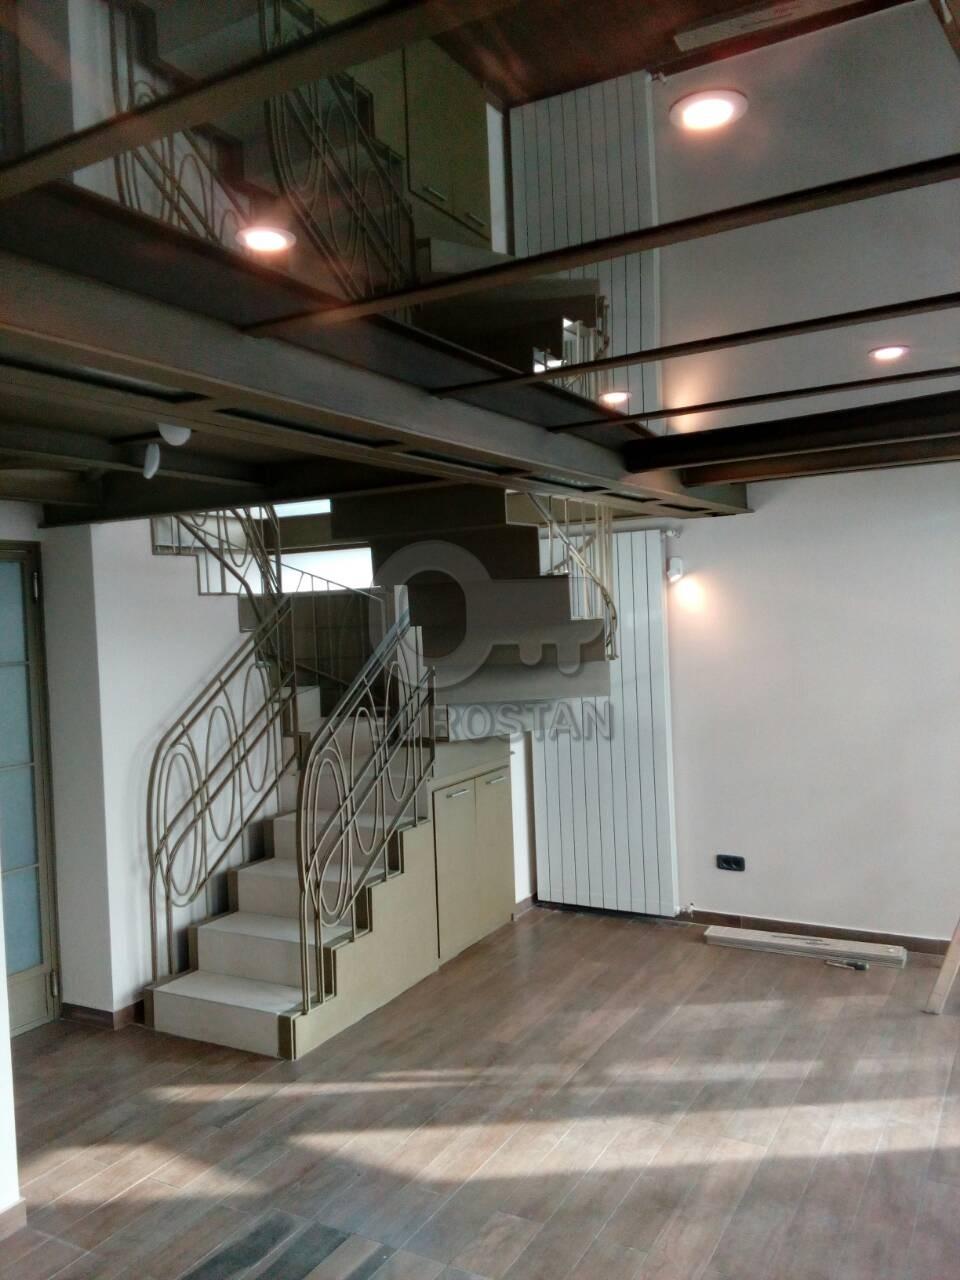 Poslovni prostor ČUBURA 262000 EUR